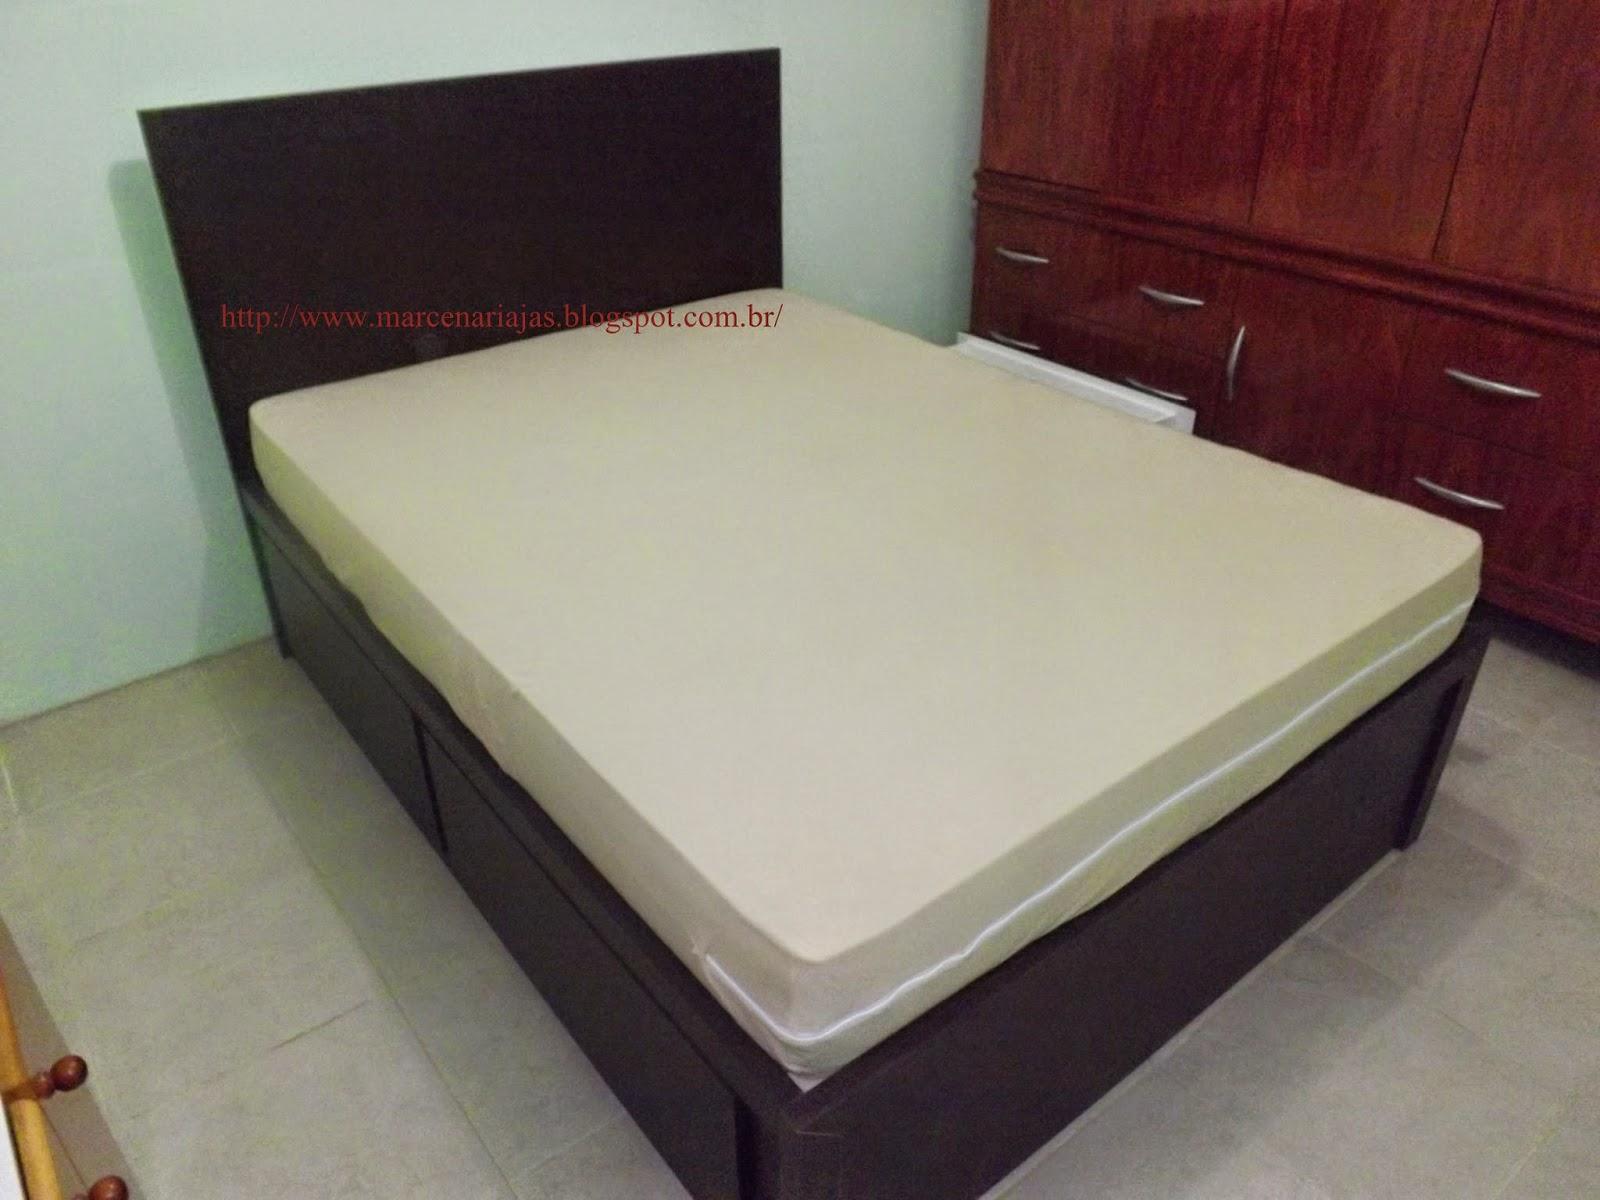 cama com gavetões